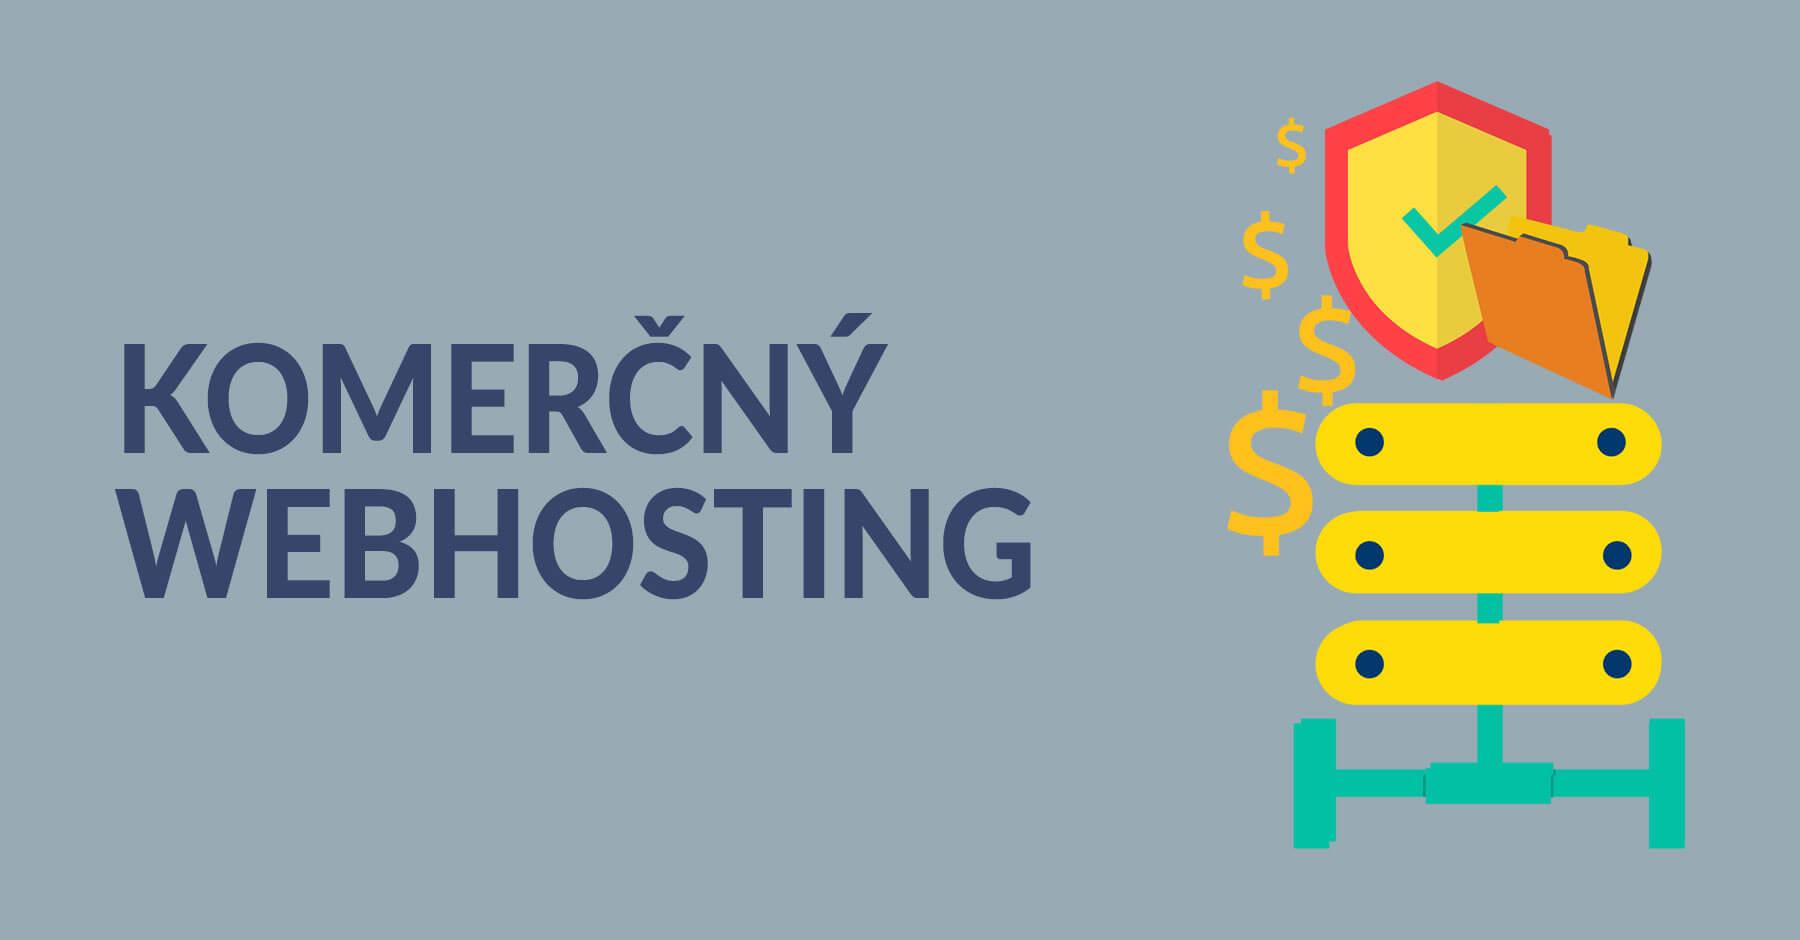 komercny webhosting